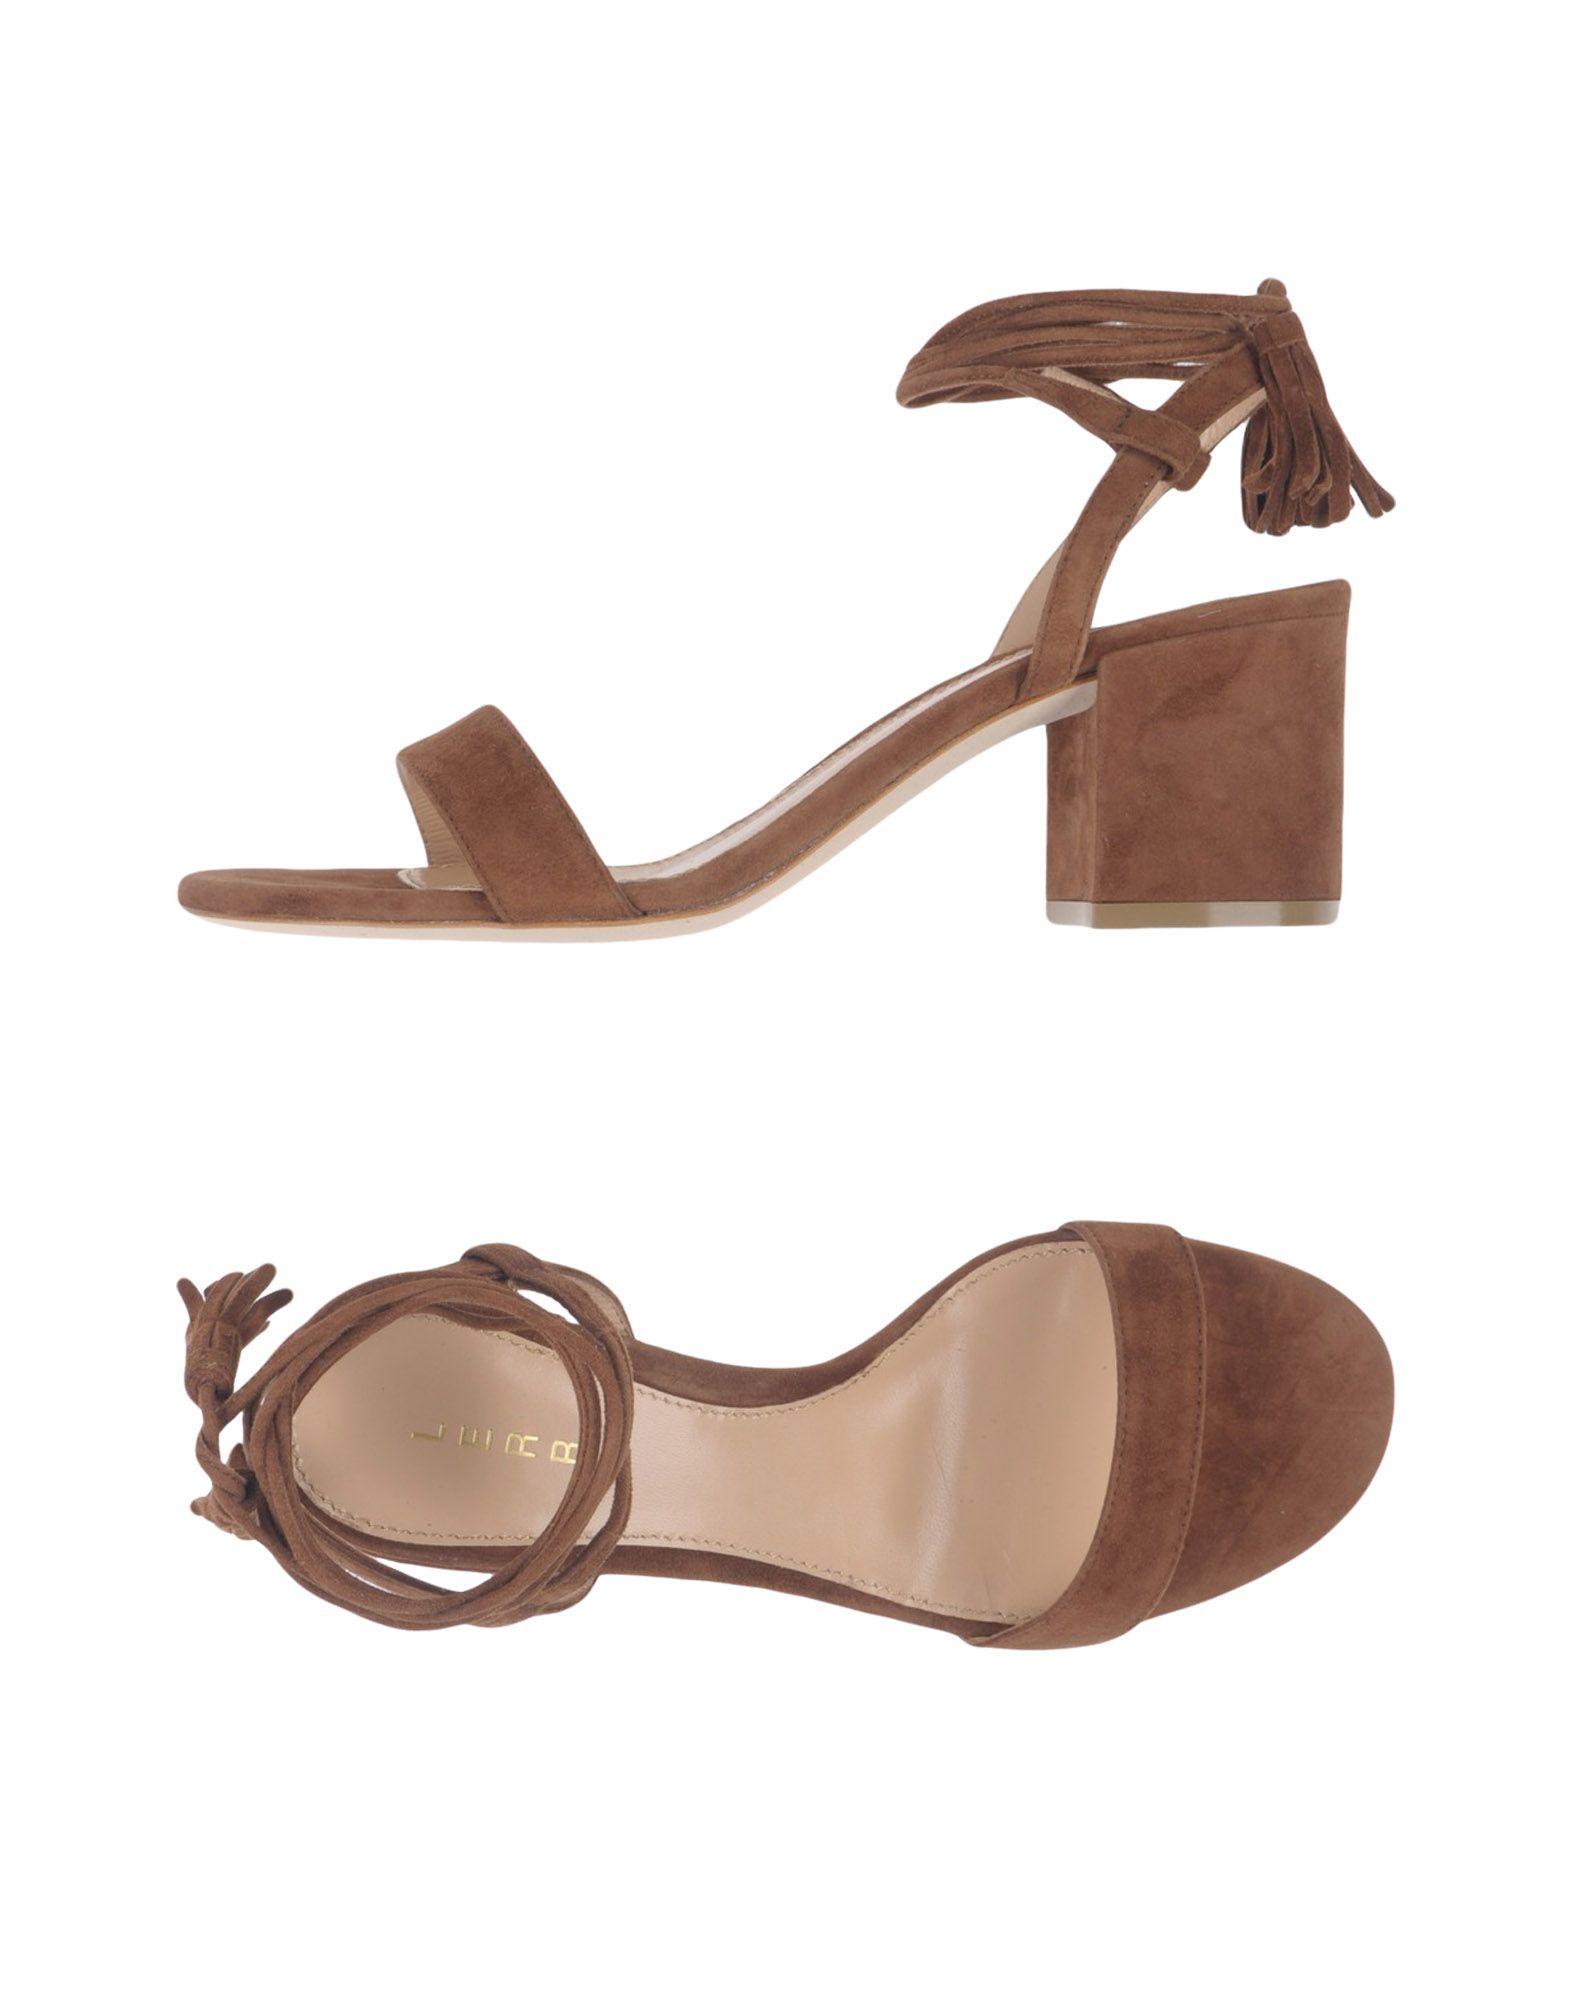 LERRE Damen Sandale Farbe Braun Größe 7 - broschei